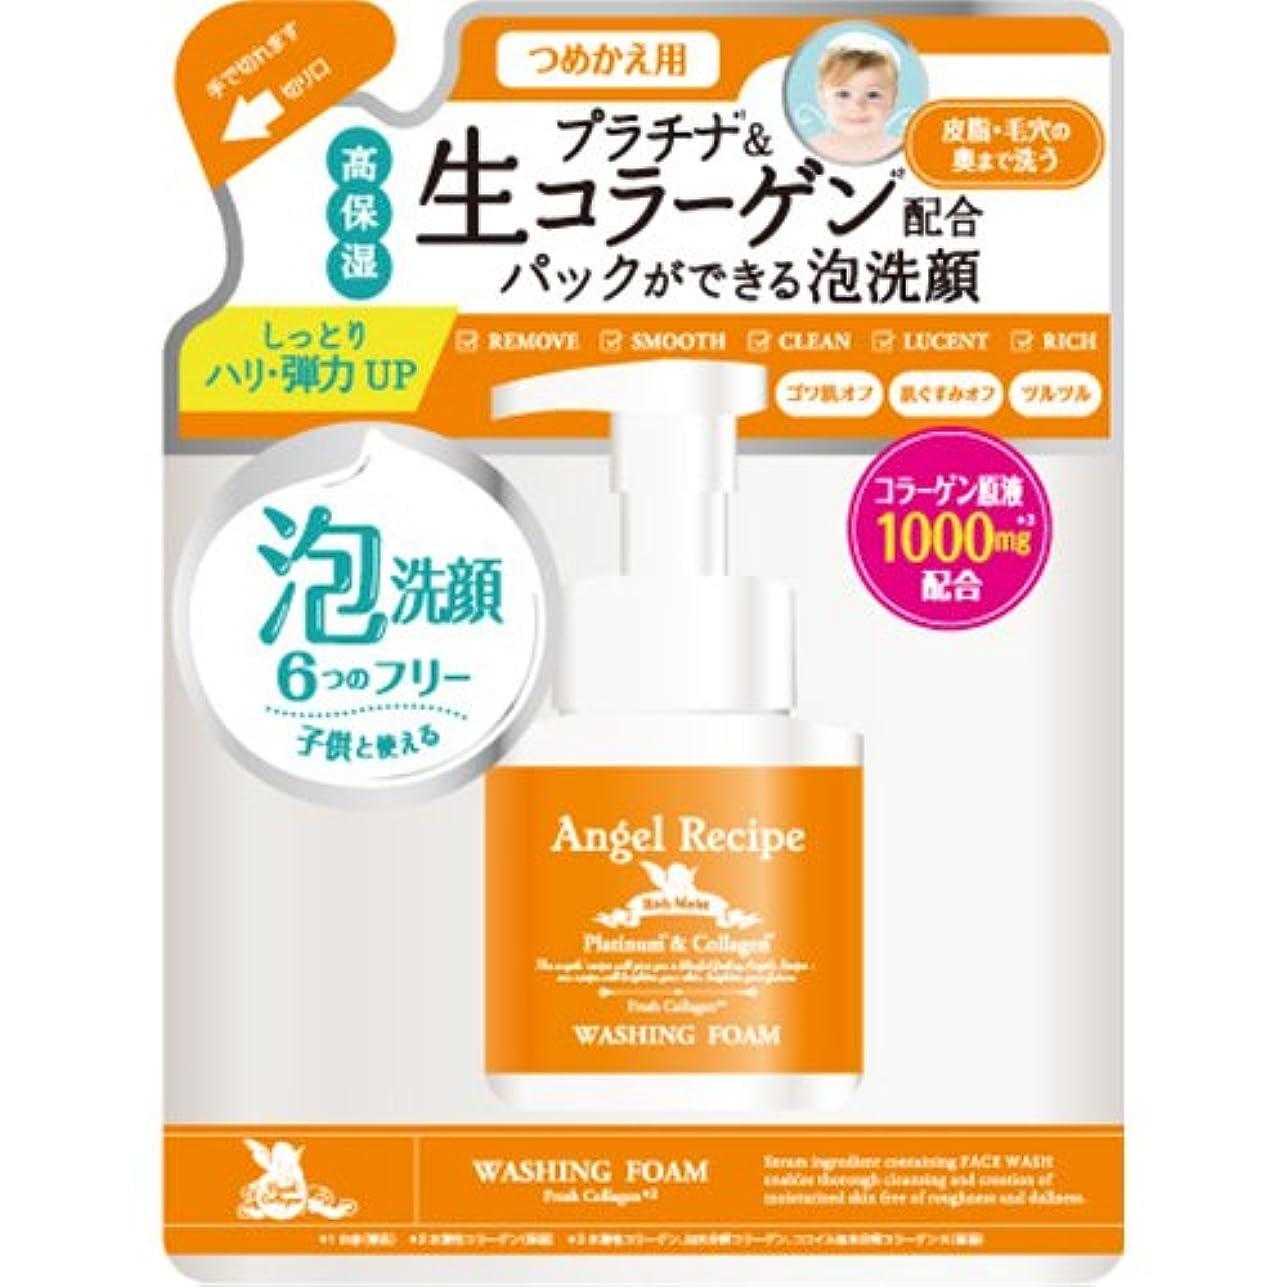 欲望ジャベスウィルソン修士号AngelRecipe エンジェルレシピ リッチモイスト 泡洗顔 詰替え 130ml